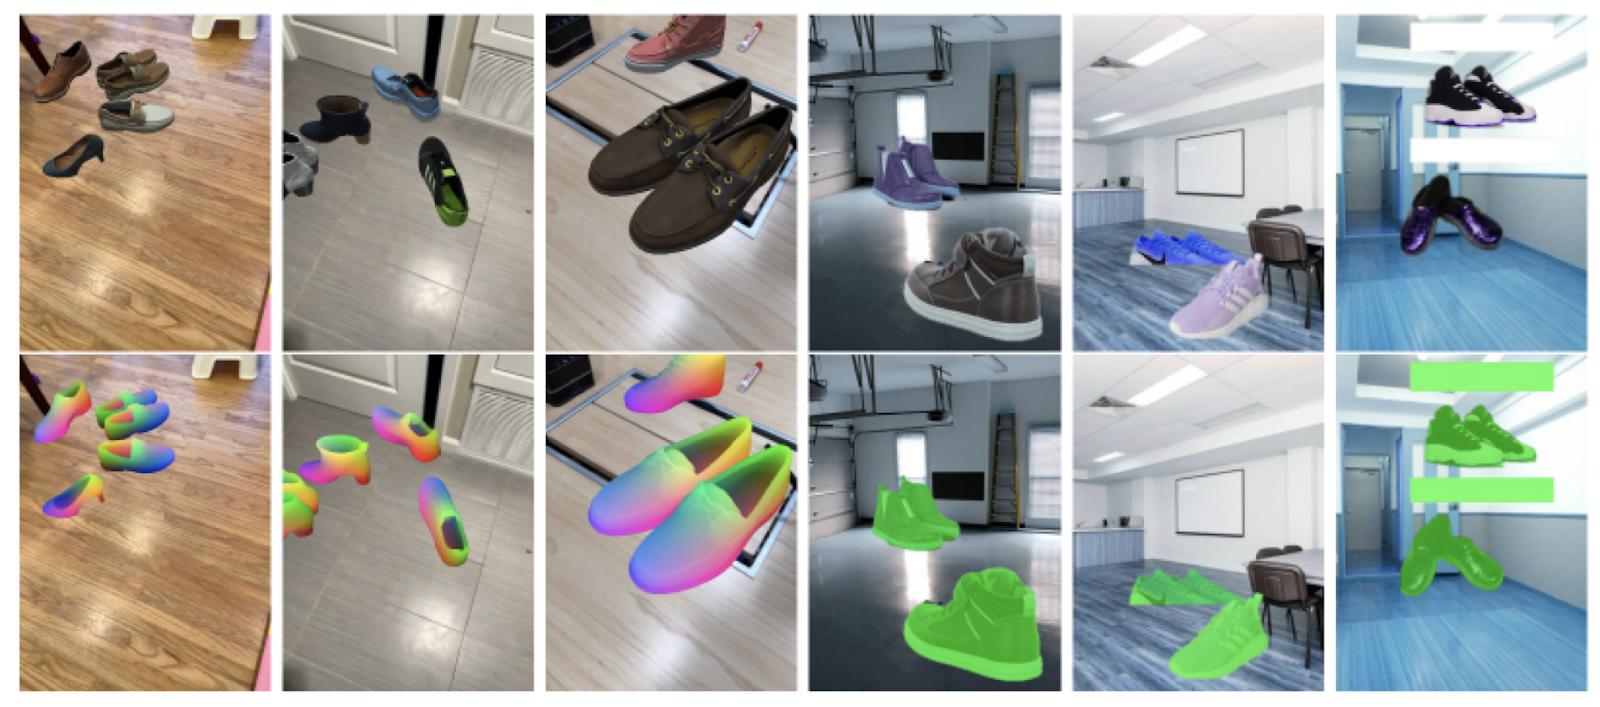 Шесть степеней свободы: 3D object detection и не только - 9